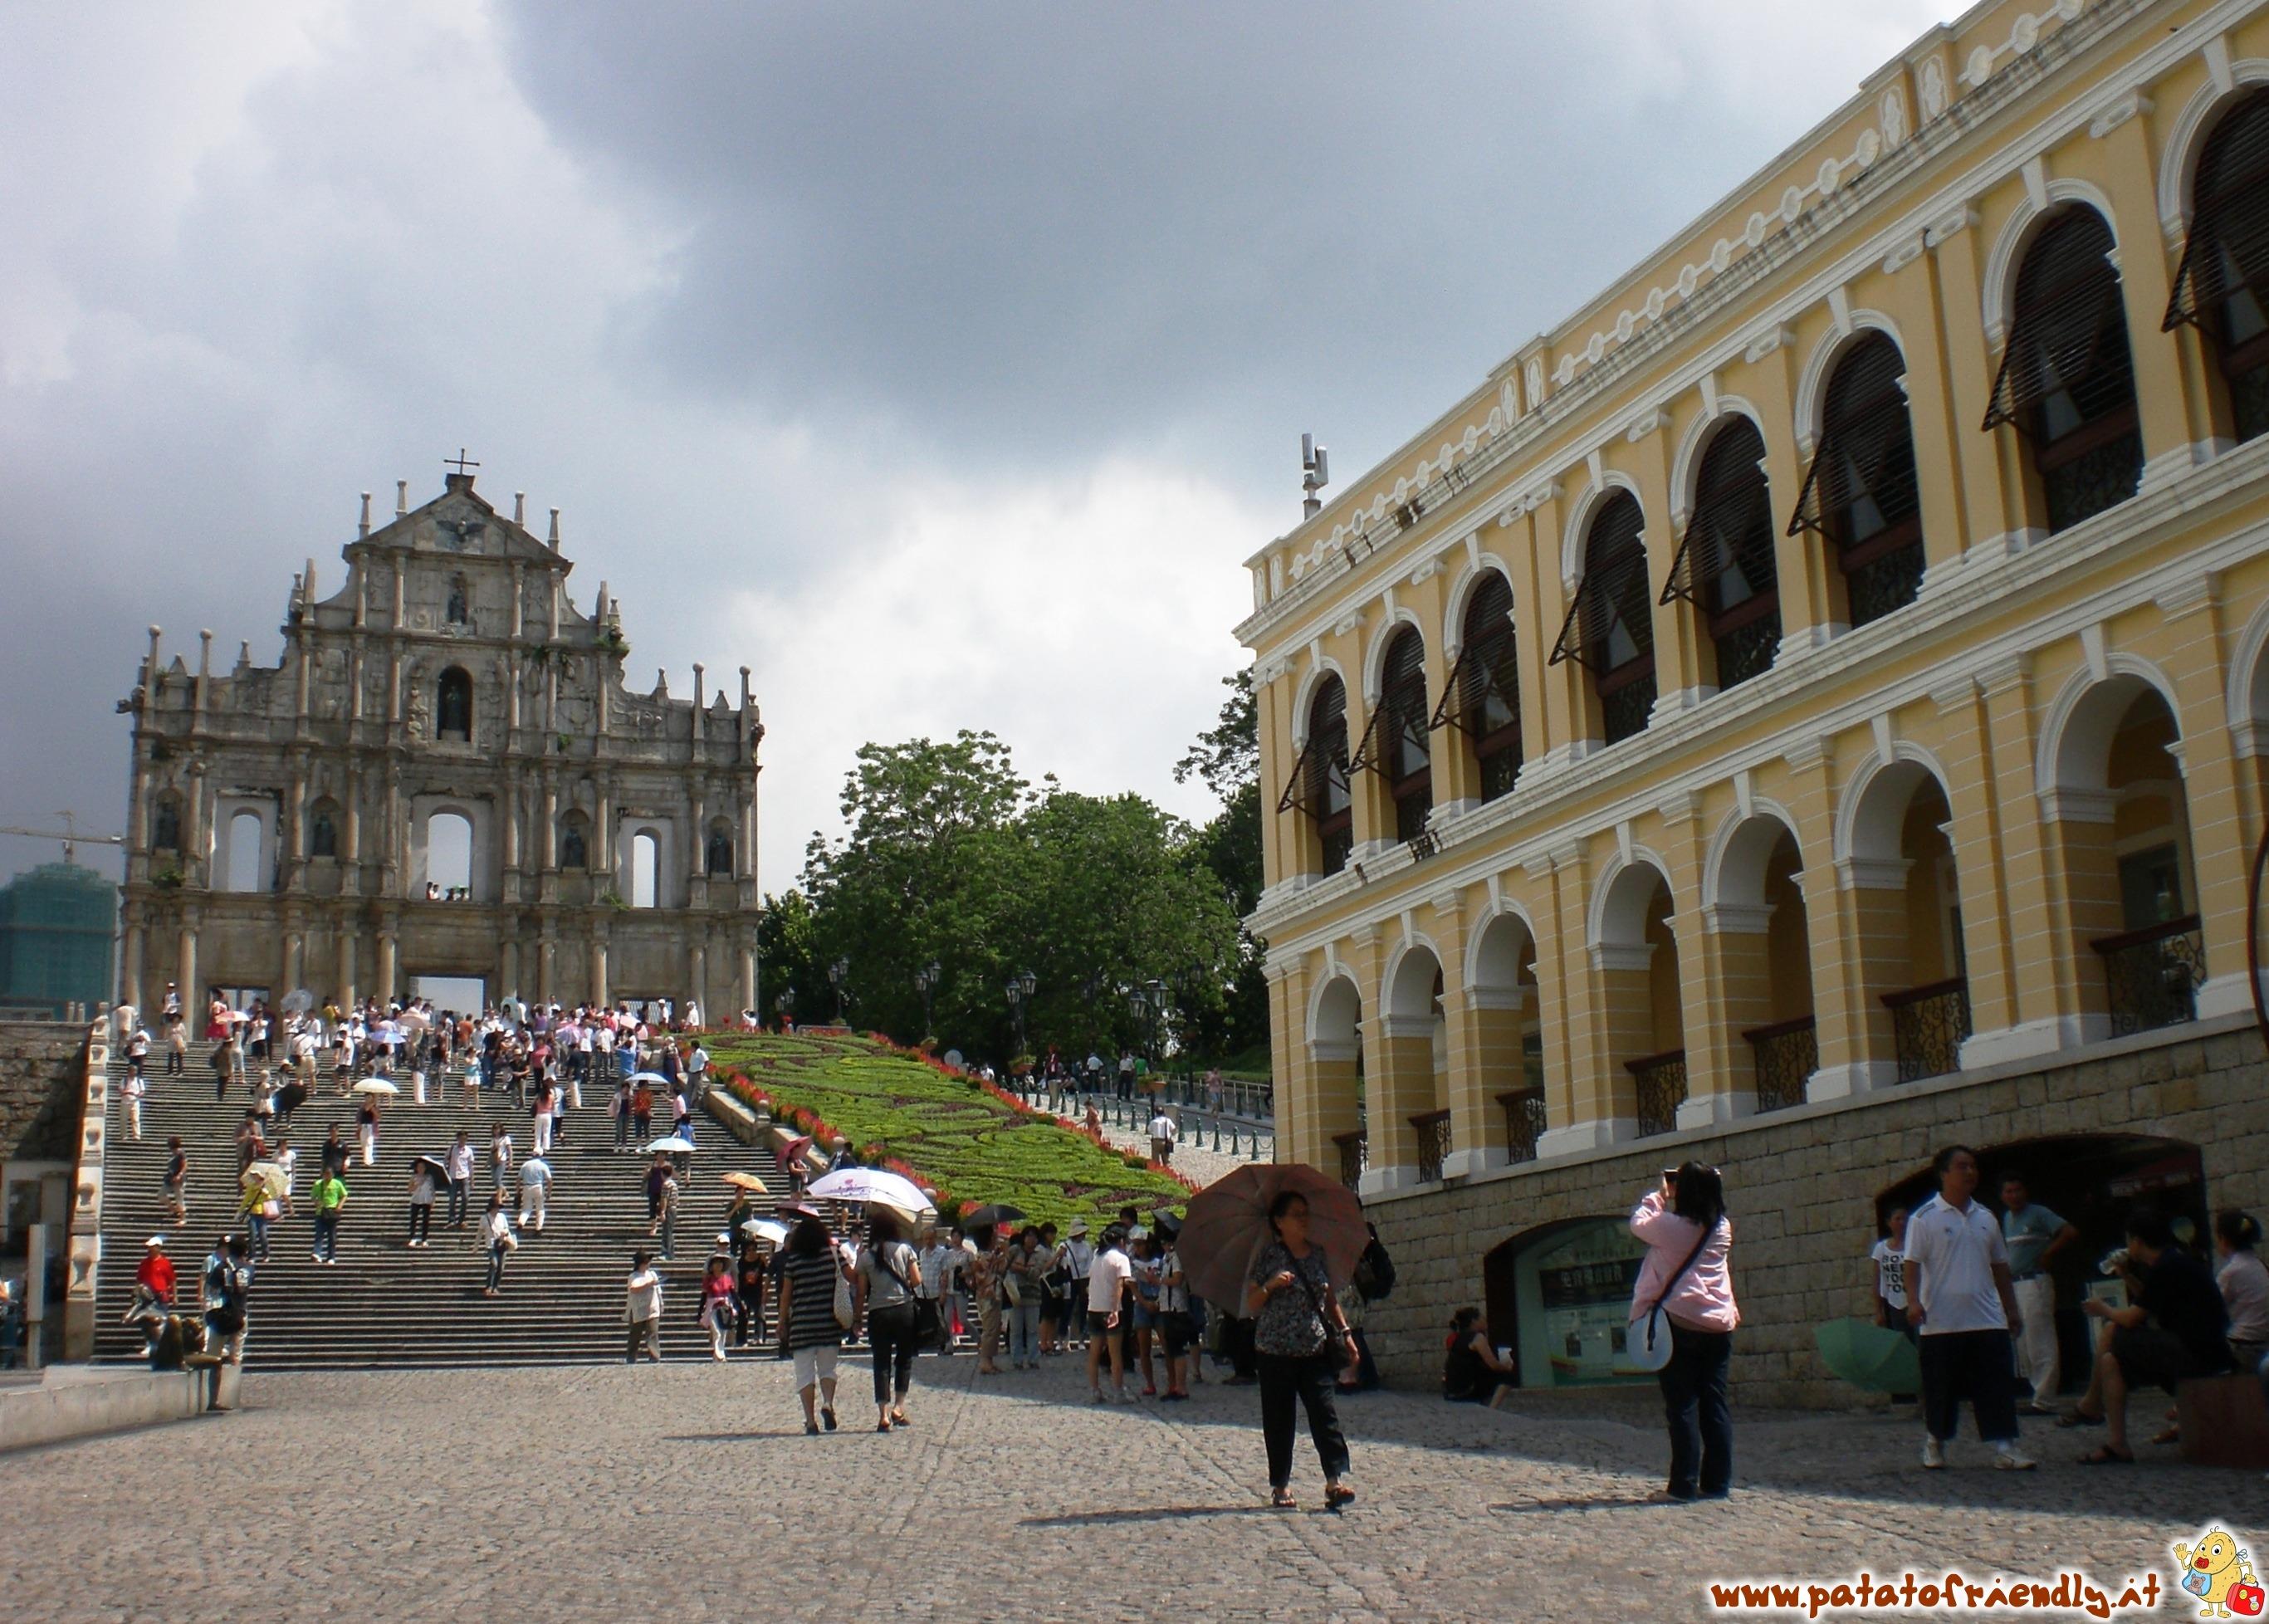 Macao - un pezzo di Portogallo in terra cinese